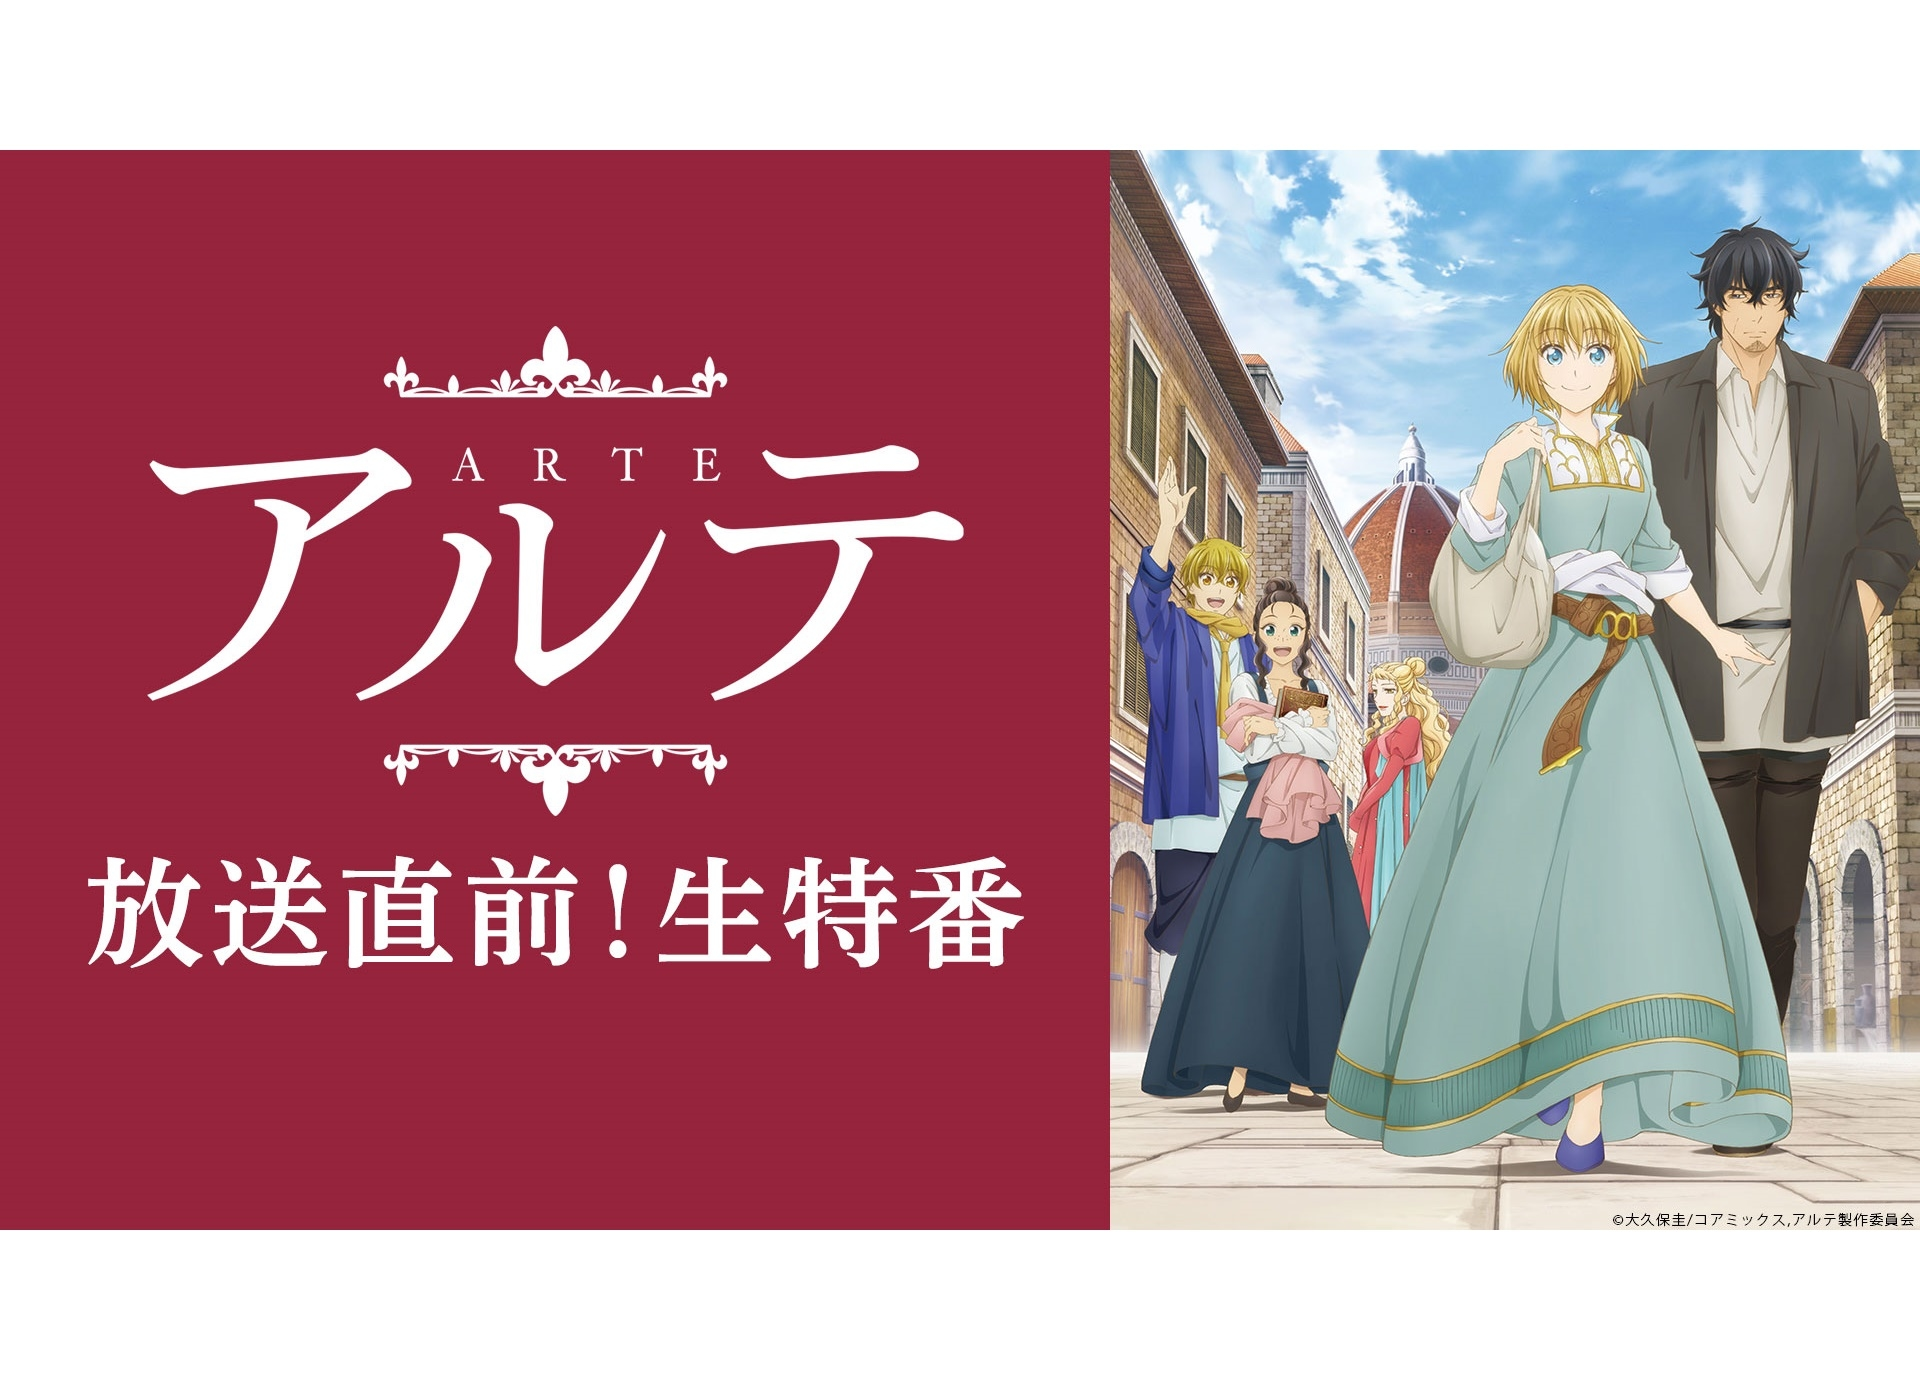 春アニメ『アルテ』放送直前!生特番 3/29配信決定